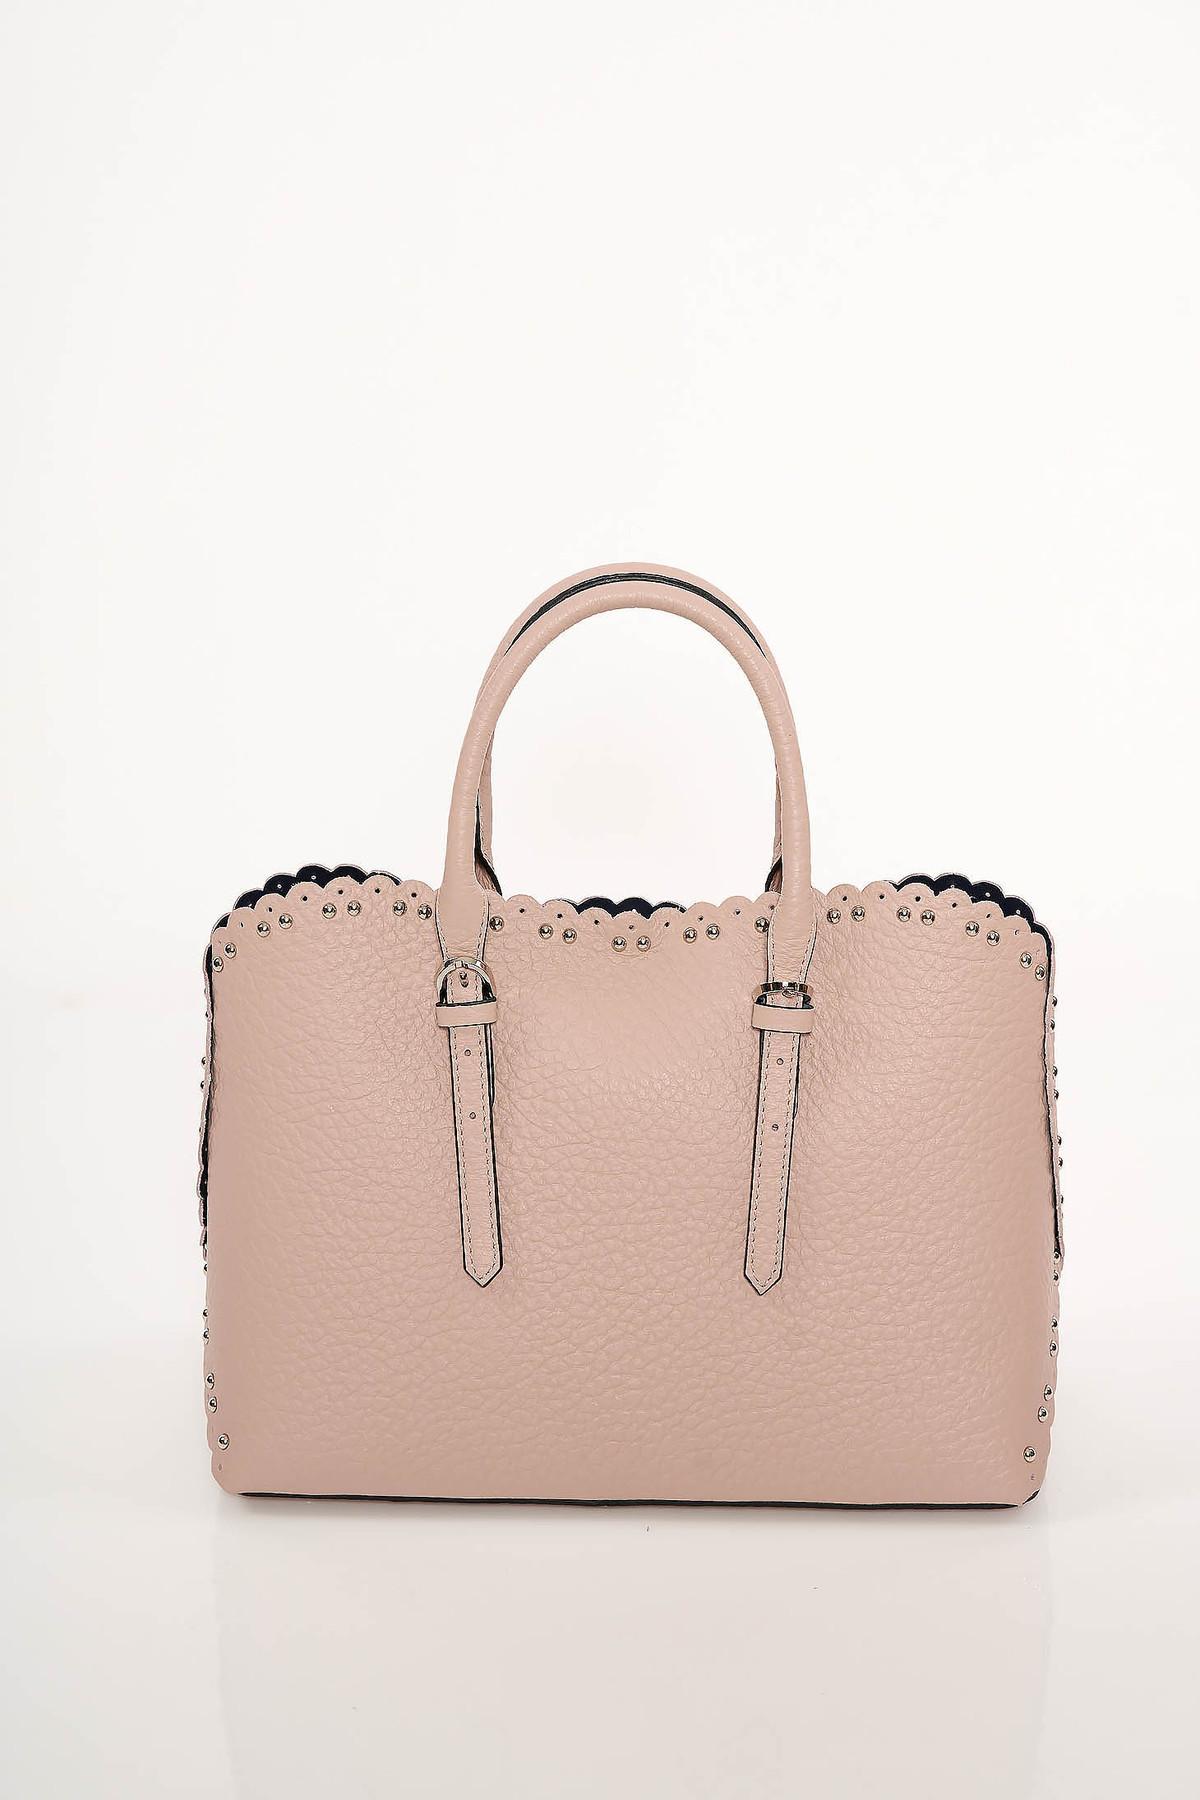 Geanta dama roz prafuit office din piele naturala cu tinte metalice cu manere scurte